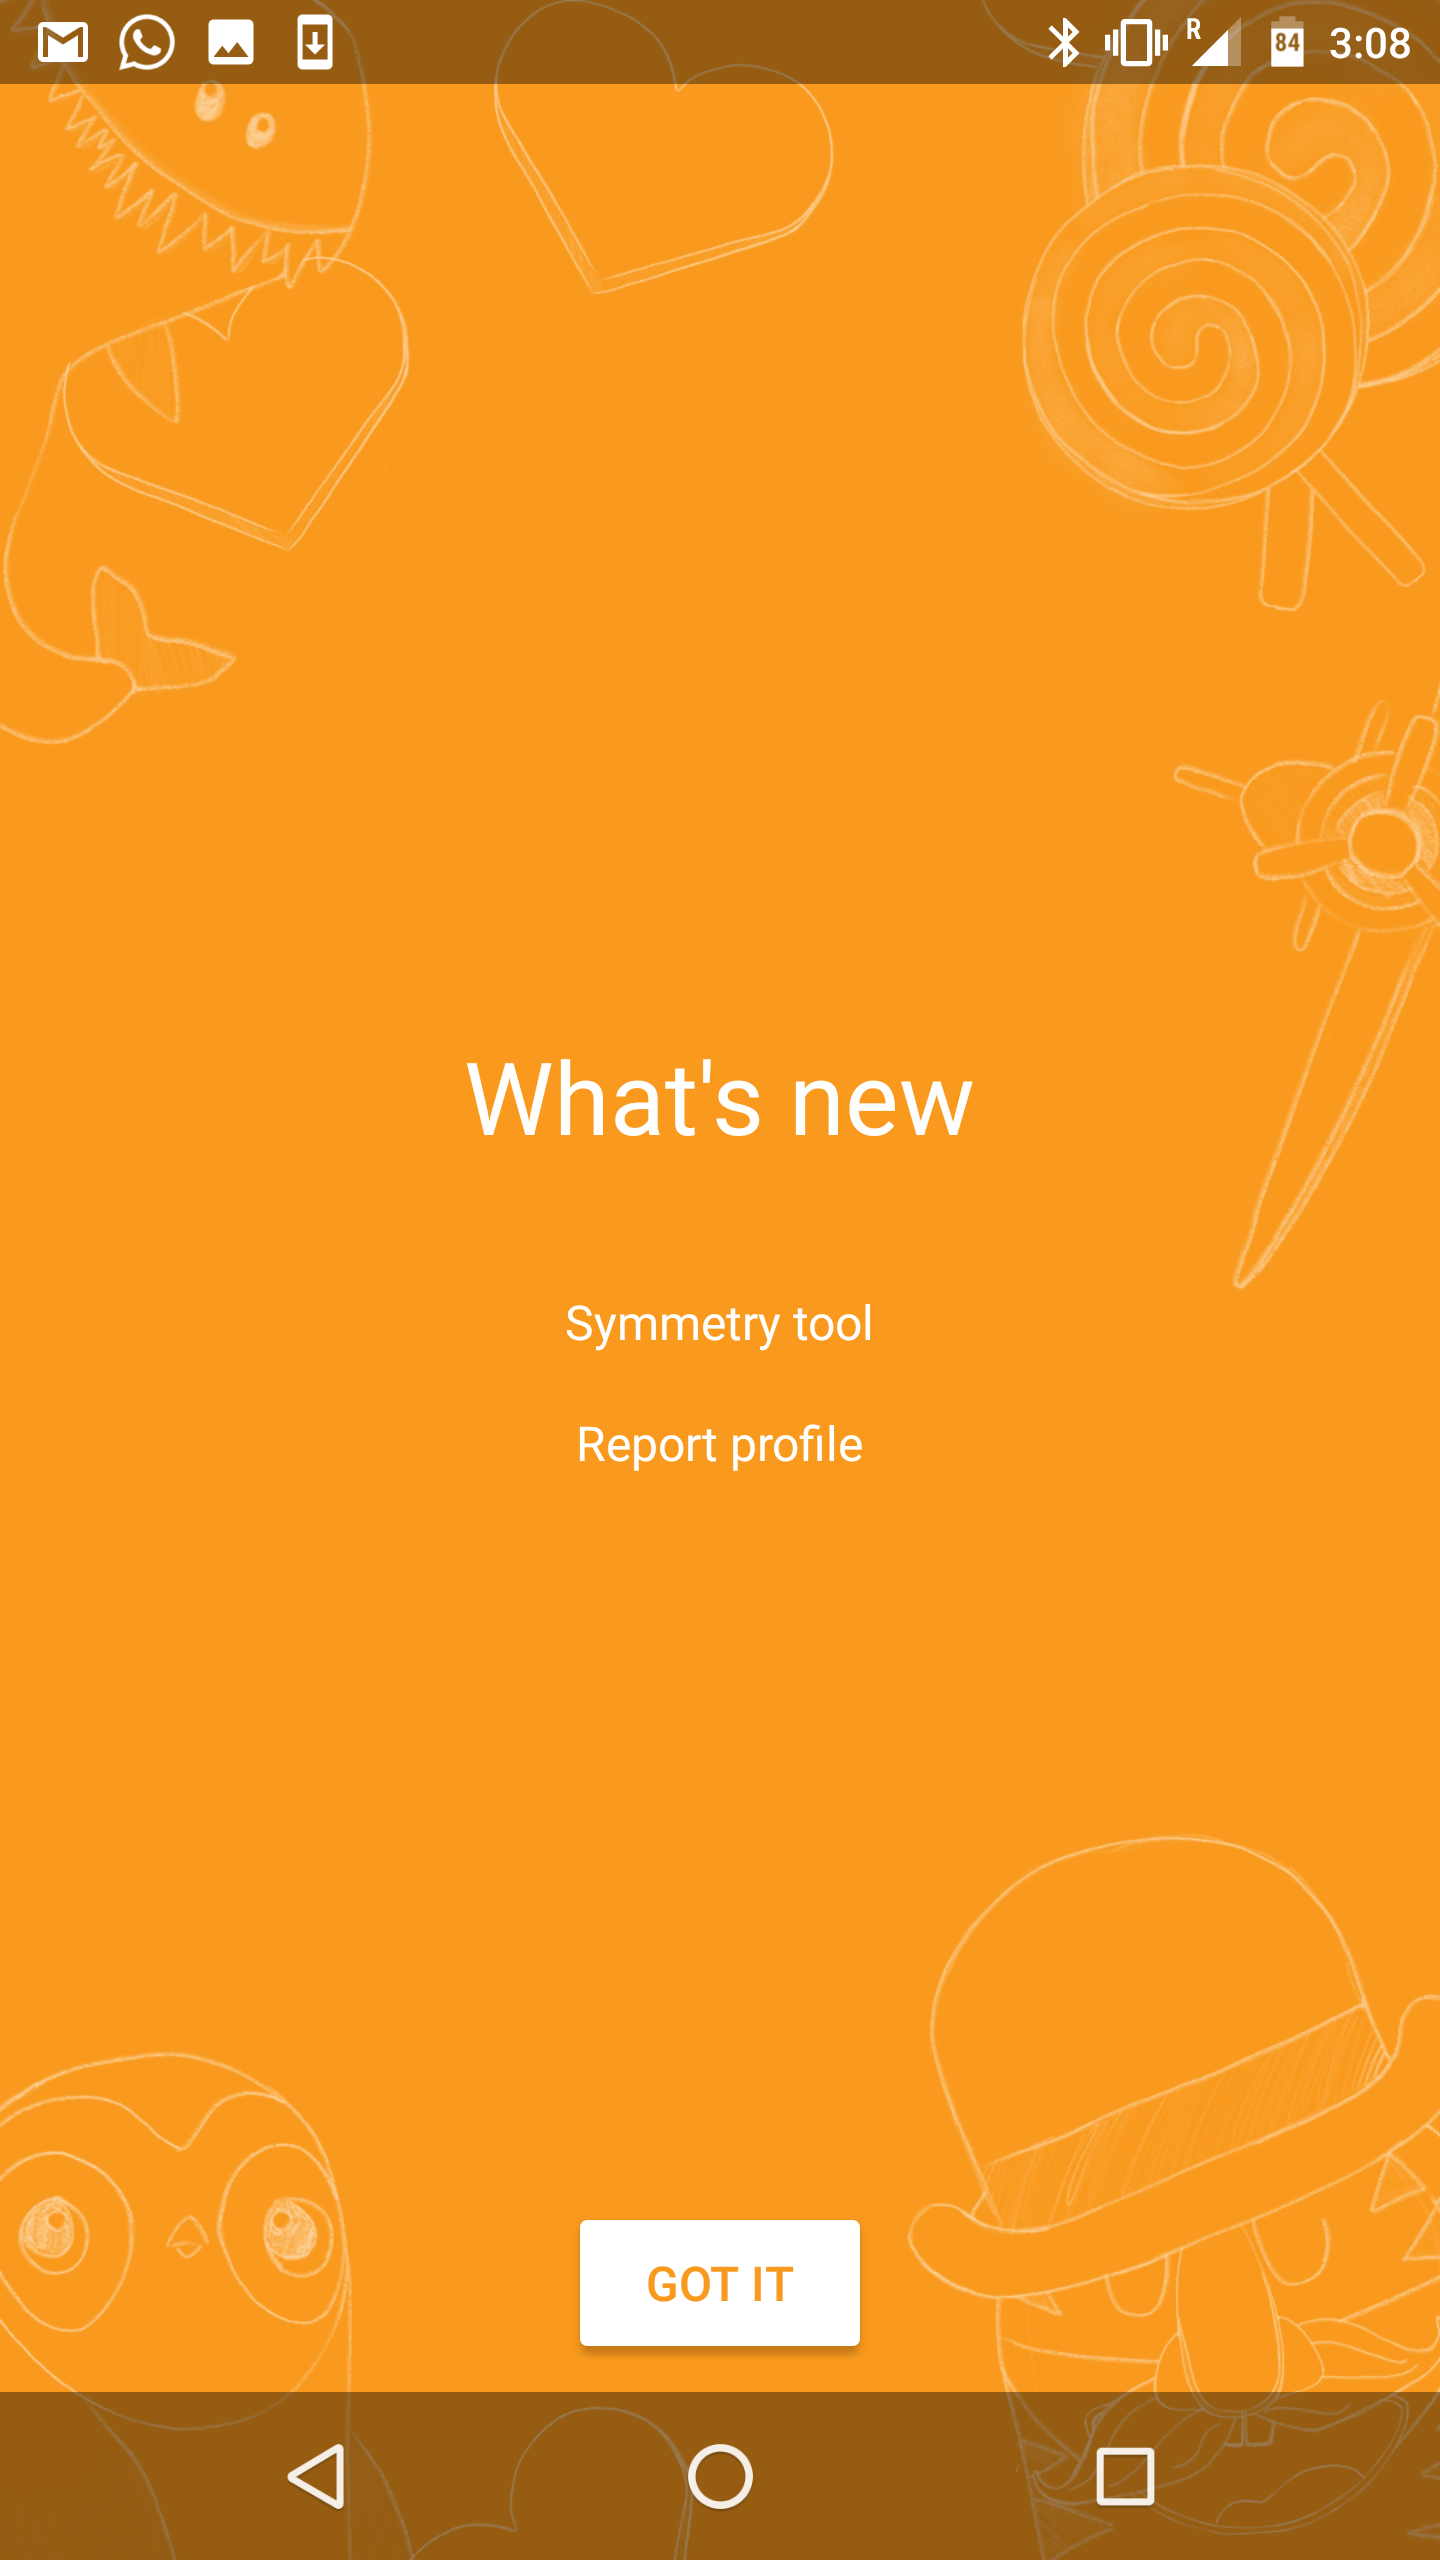 Sony Sketch 7 9 A 0 2 App update brings Symmetry tool